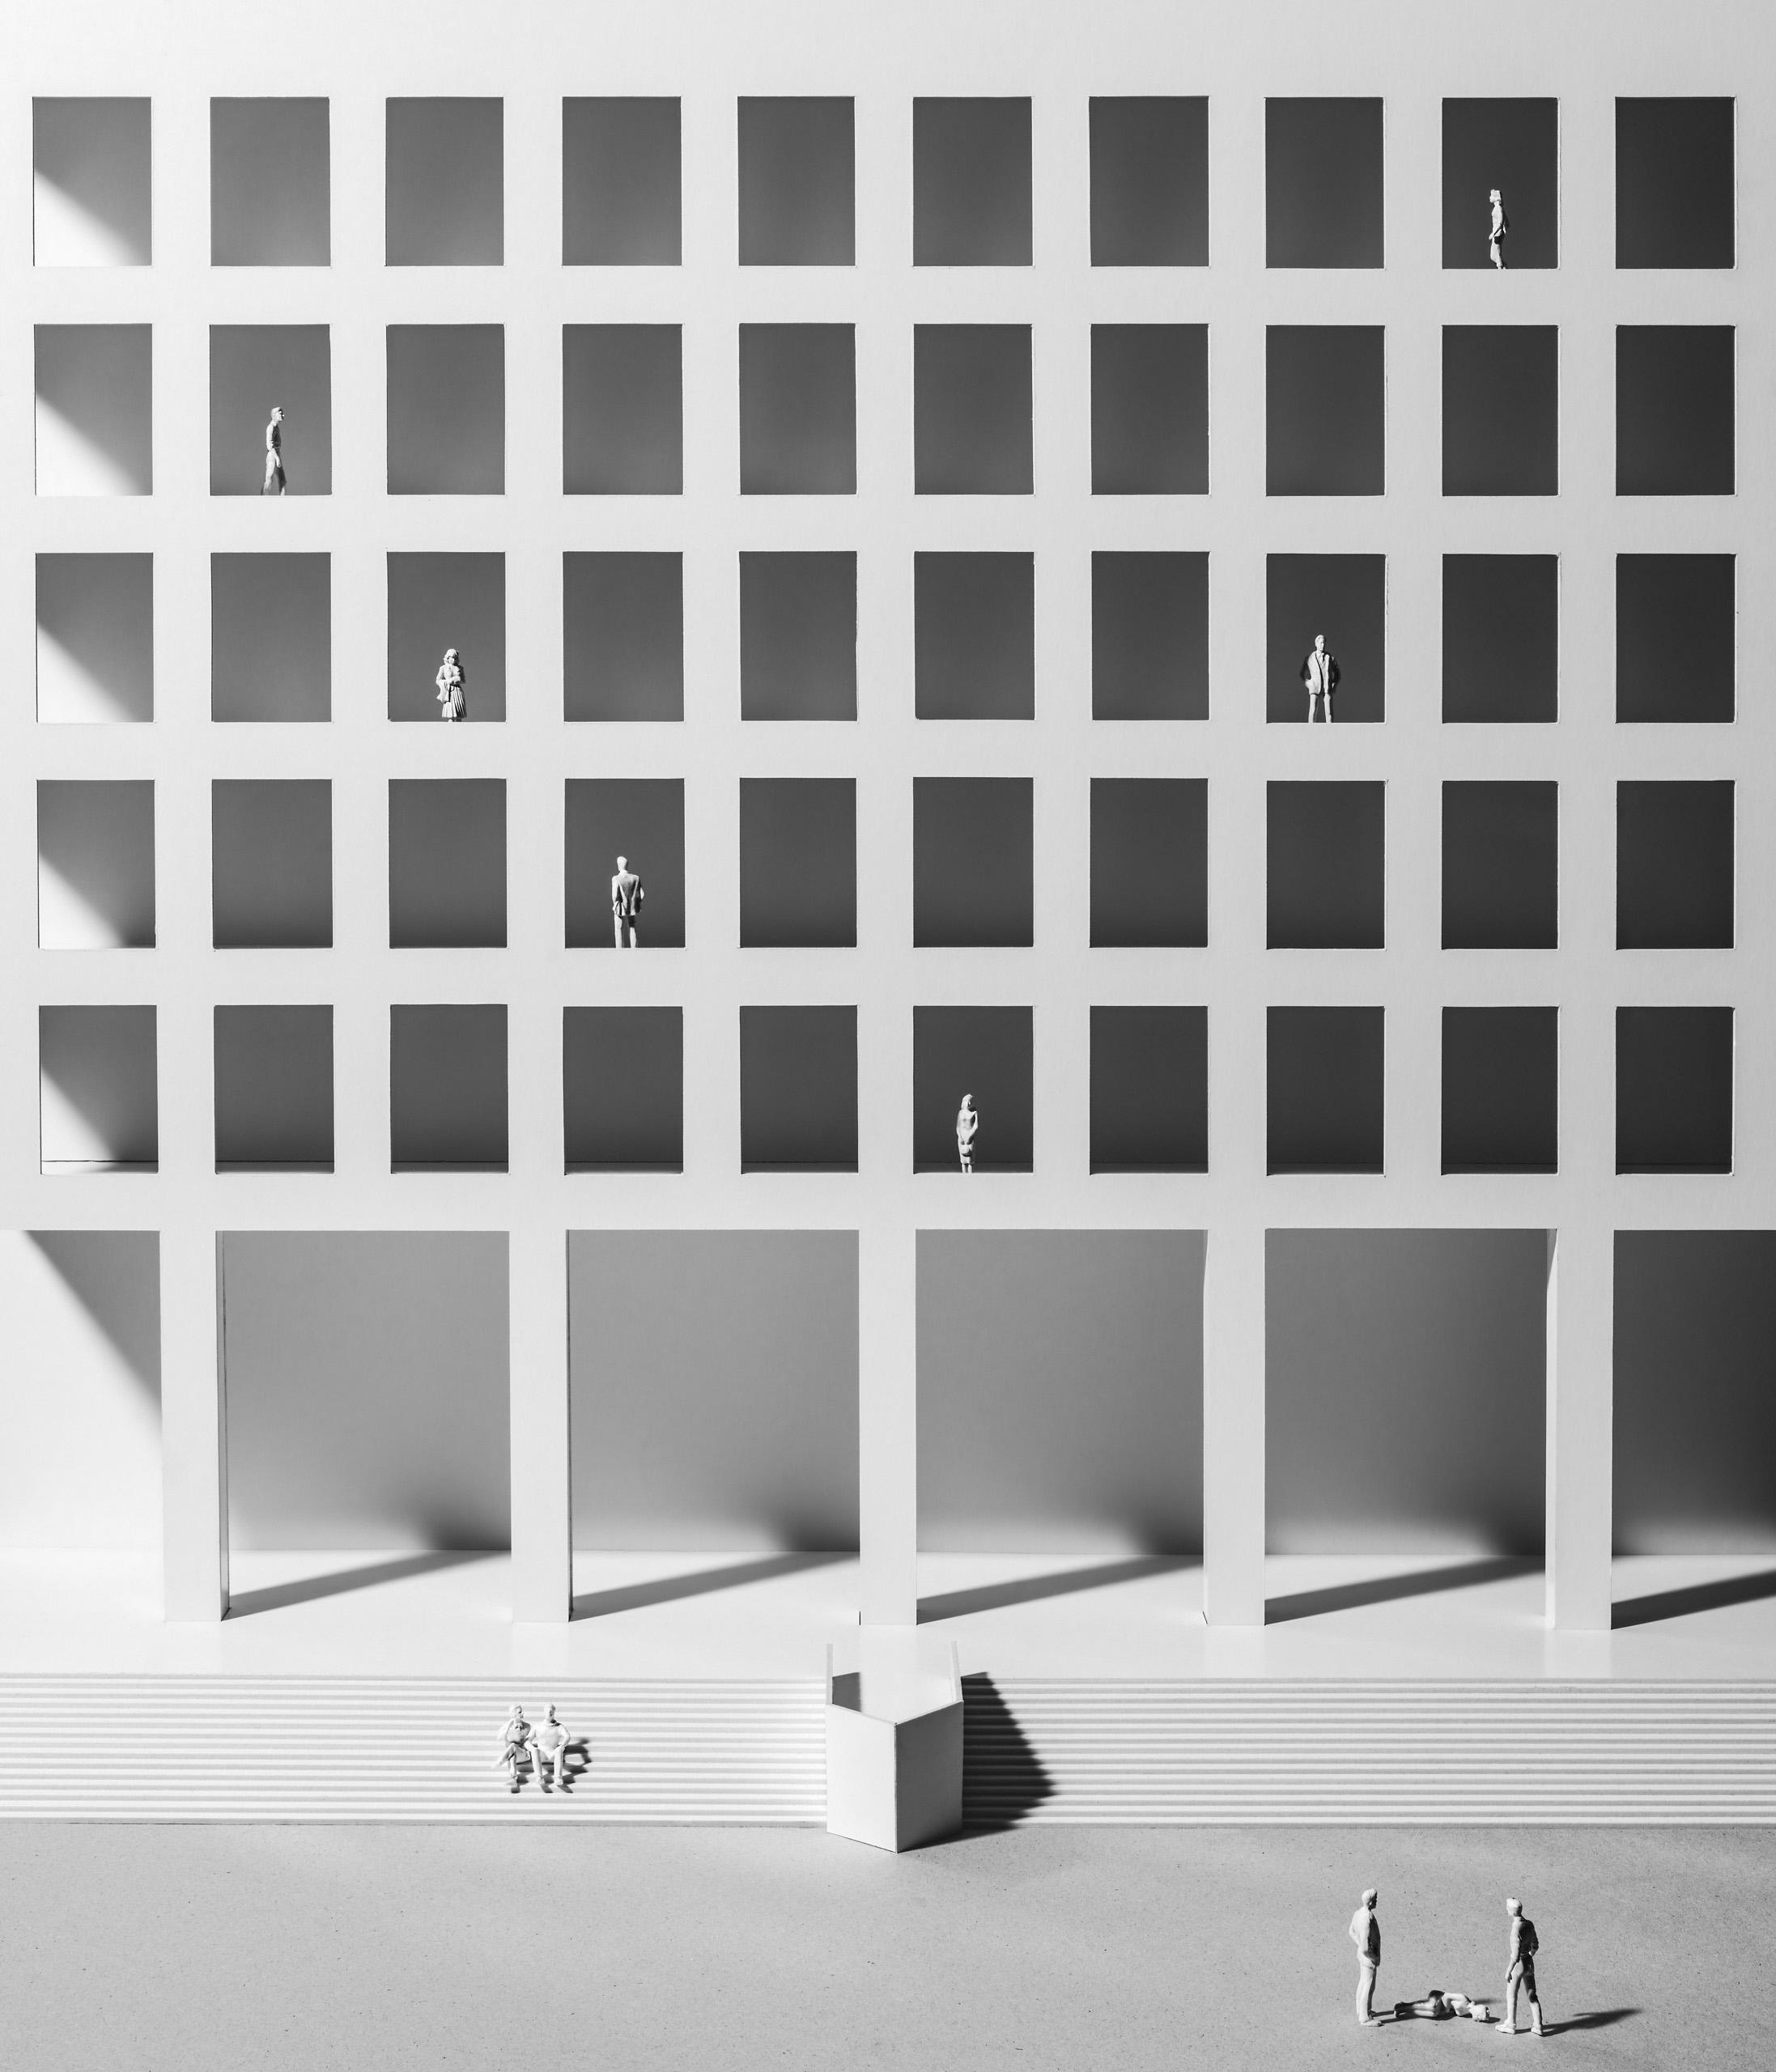 Facade. 2012